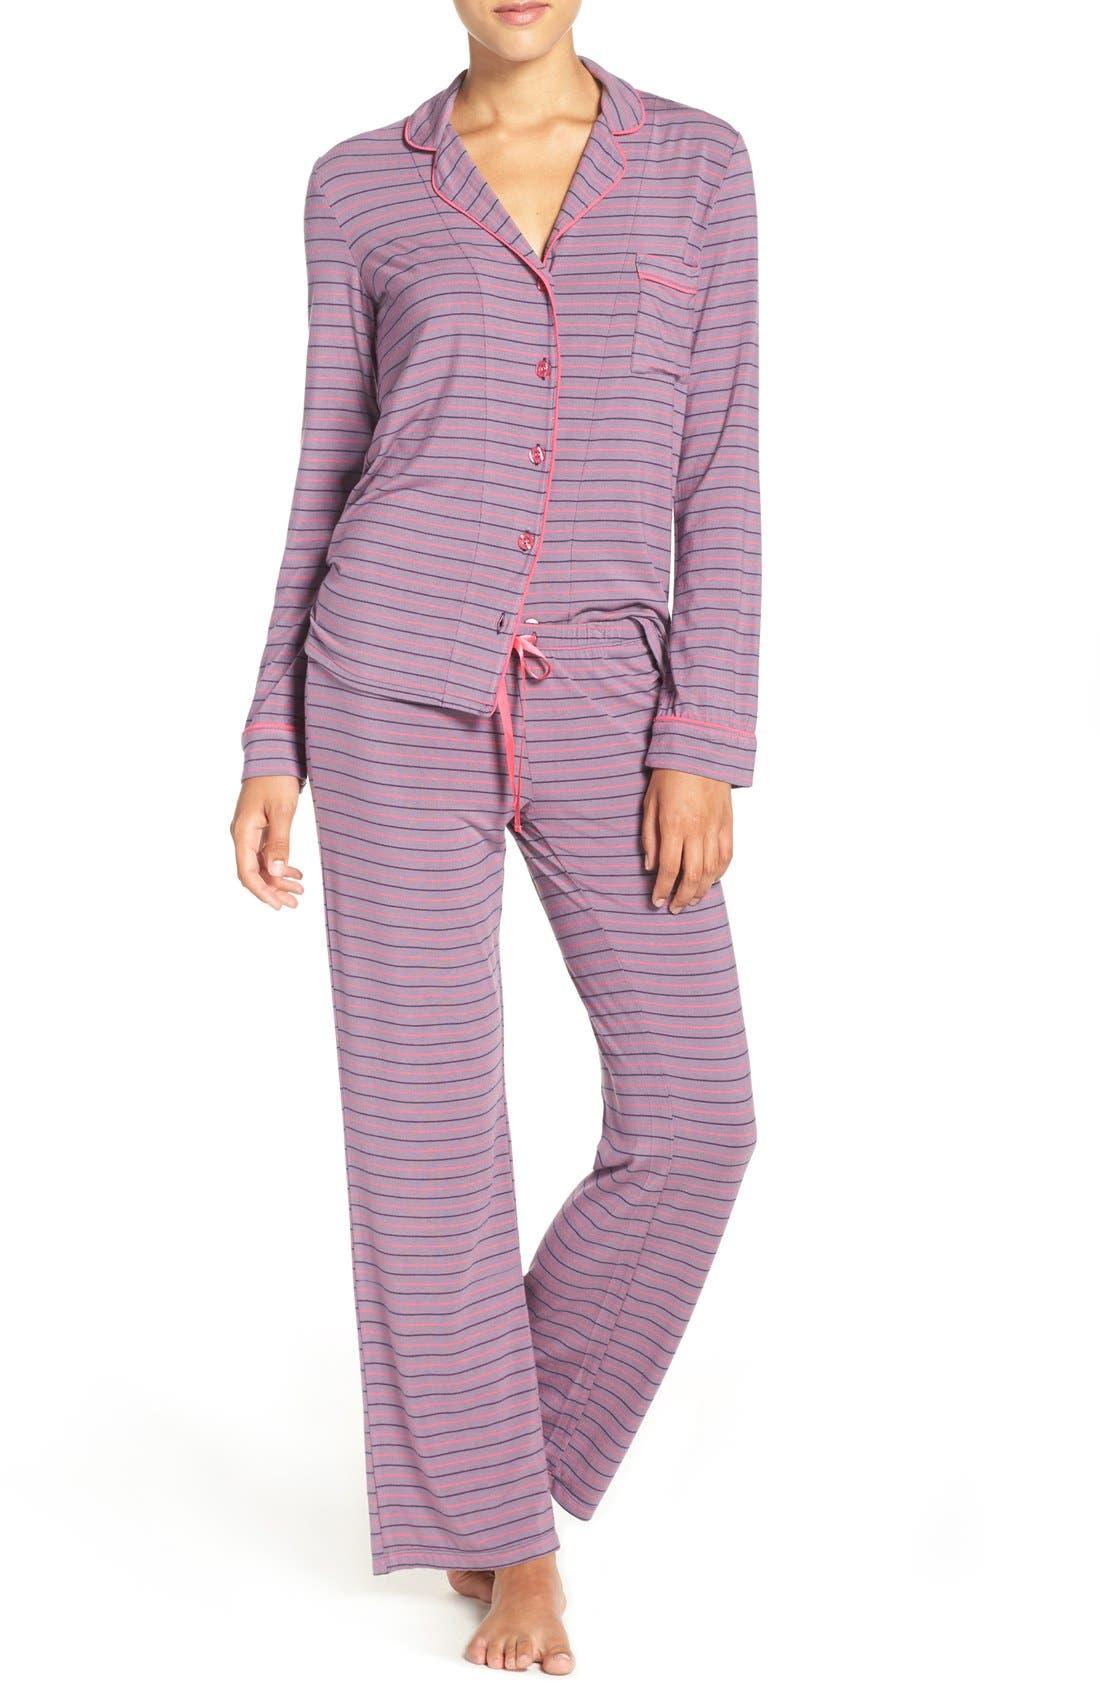 Alternate Image 1 Selected - PJ Salvage Stretch Modal Pajamas